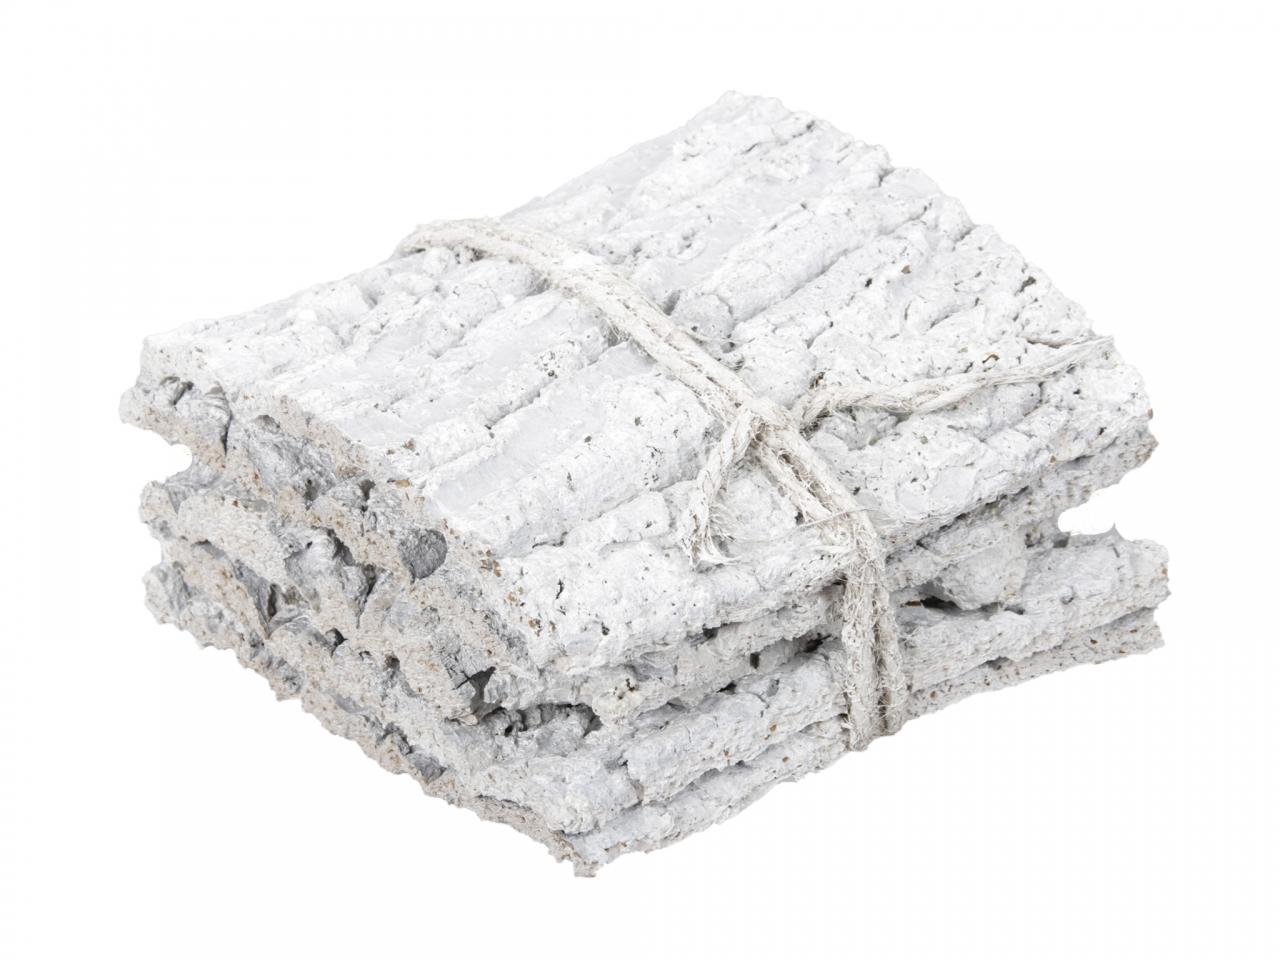 Přírodní podložka z kůry kaštanu s/5 ks, bílá, 15x15x10 cm